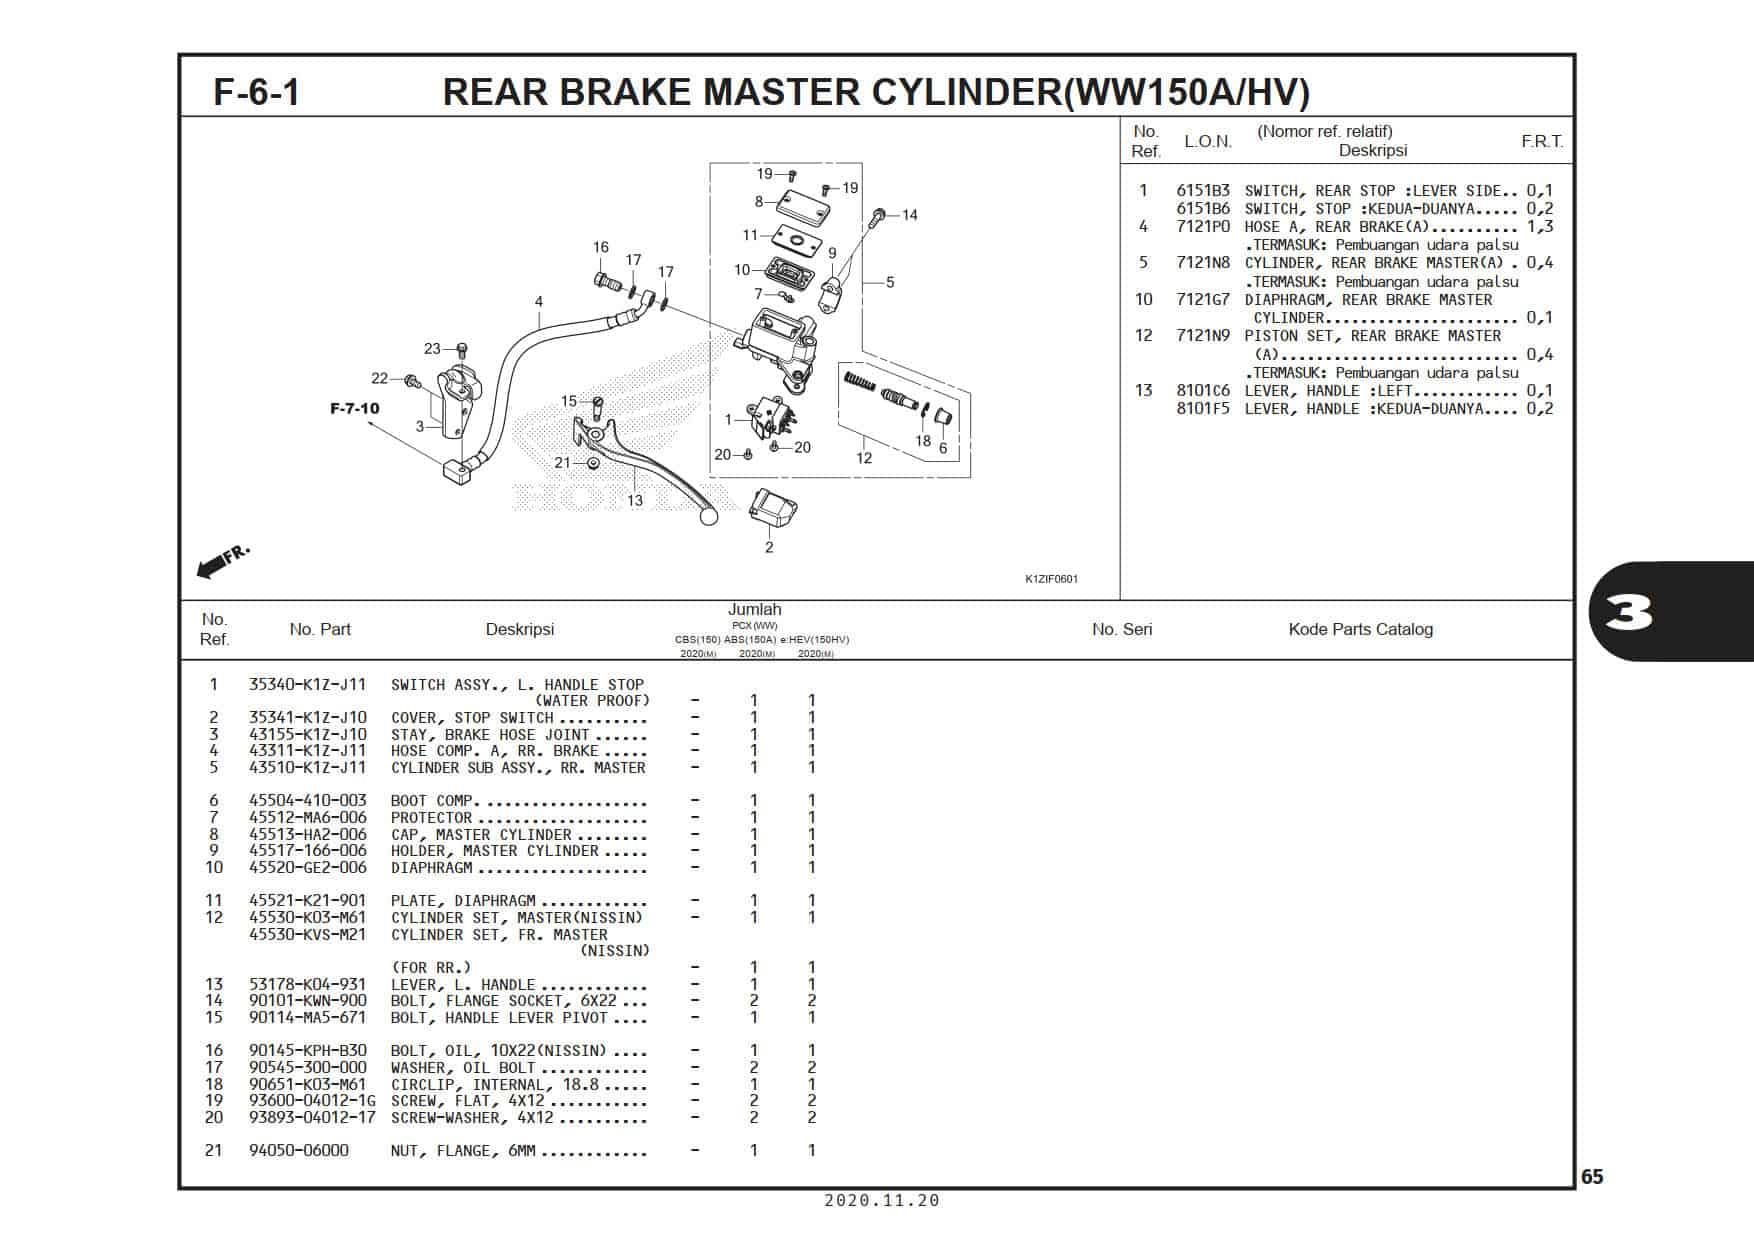 F-6-1 Rear Brake Master Cylinder (WW150A/HV)